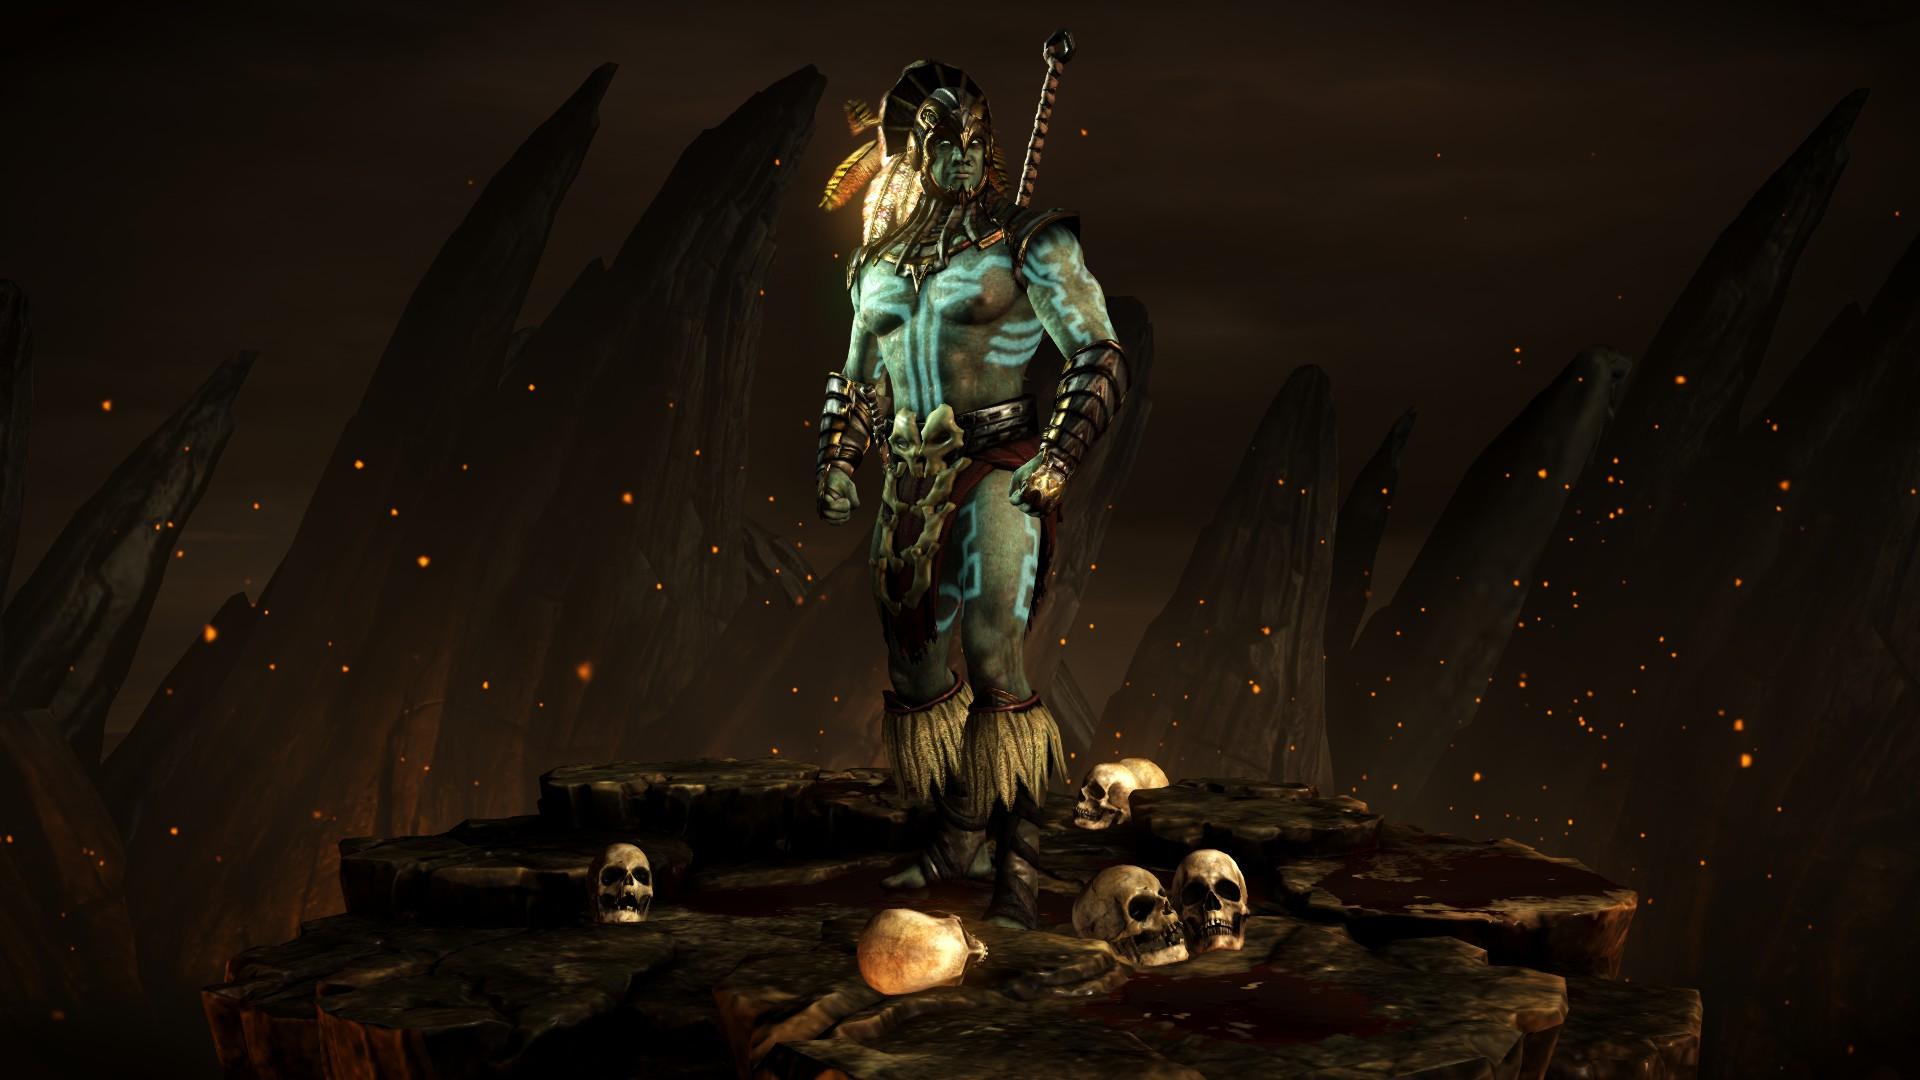 Коталь Кан (Стиль: Бог войны) - Mortal Kombat X Коталь Кан